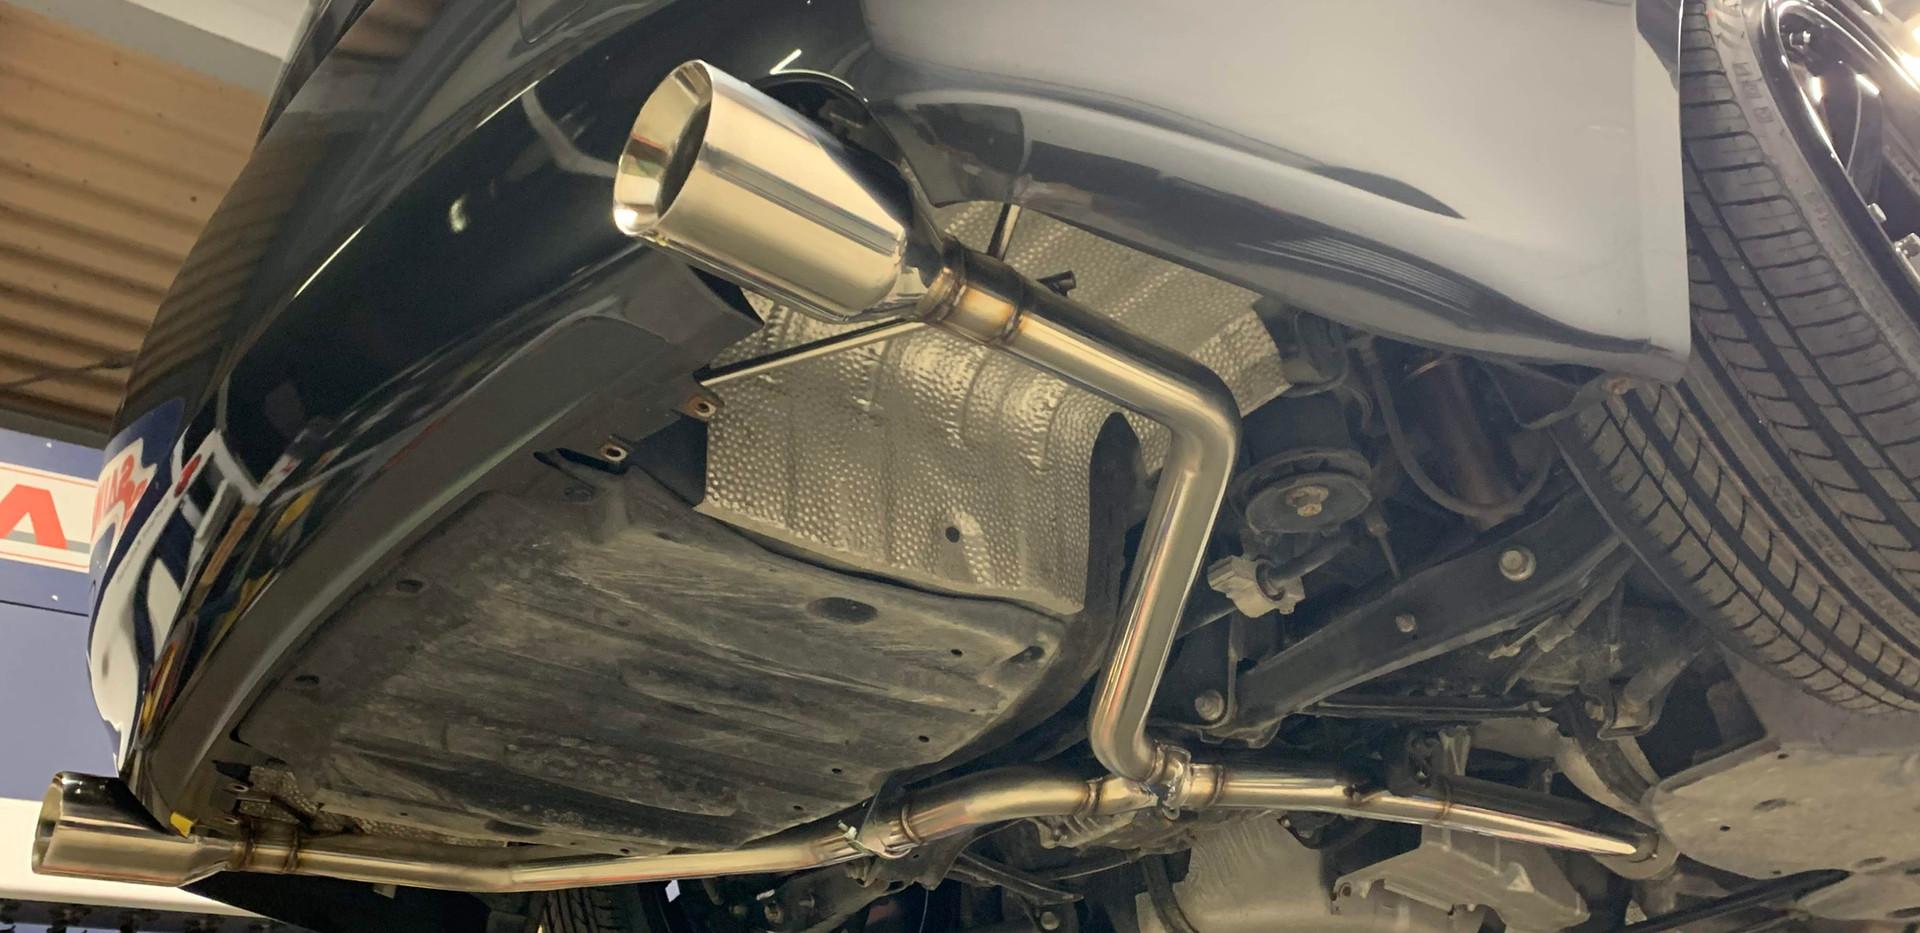 GSE21IS社外新品ベースセミワンオフマフラー-2車高短専用レイアウト変更、テ